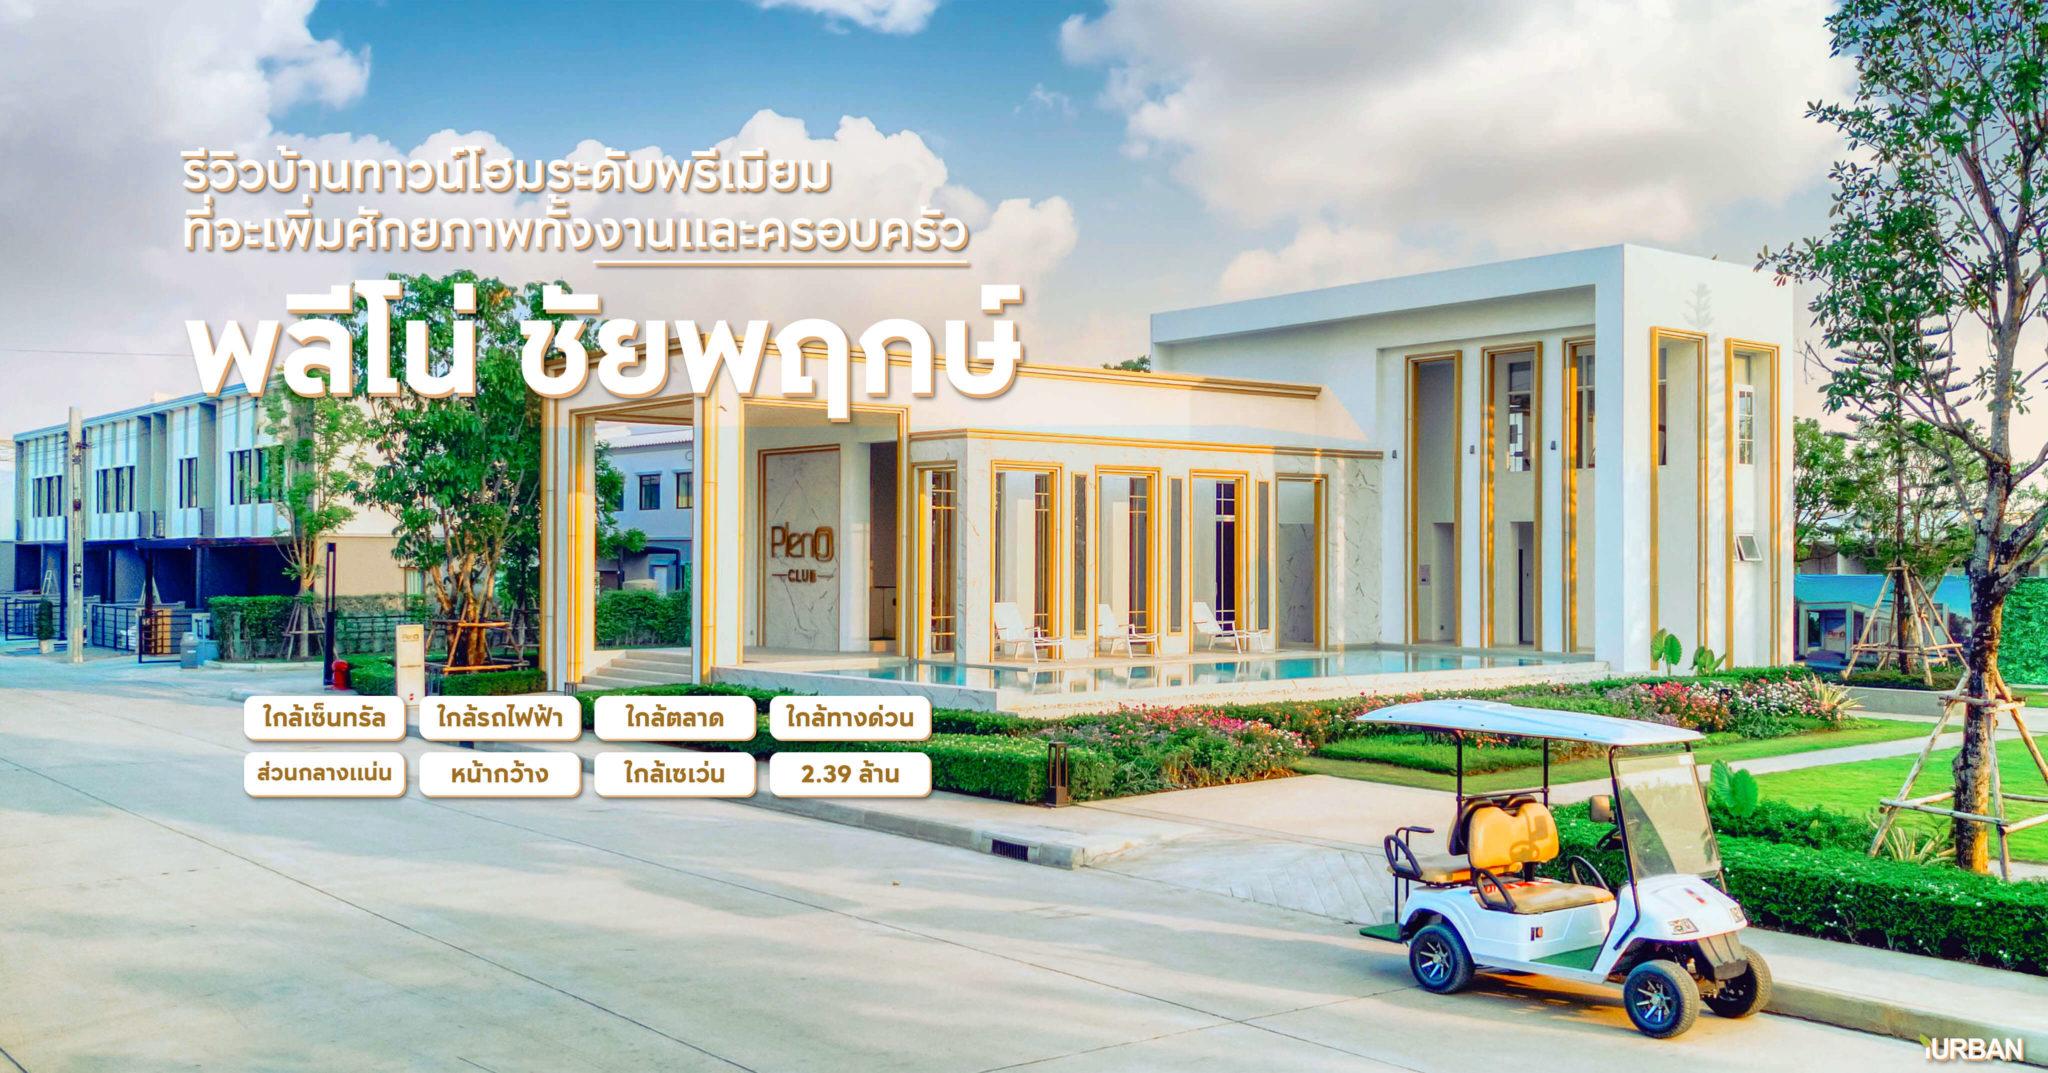 รีวิวทาวน์โฮม Pleno ชัยพฤกษ์ เข้าเมืองง่ายถูกใจคนทำงาน สังคมดีบนส่วนกลาง 3 ไร่ งบแค่ 2.39 ล้าน 13 - AP (Thailand) - เอพี (ไทยแลนด์)